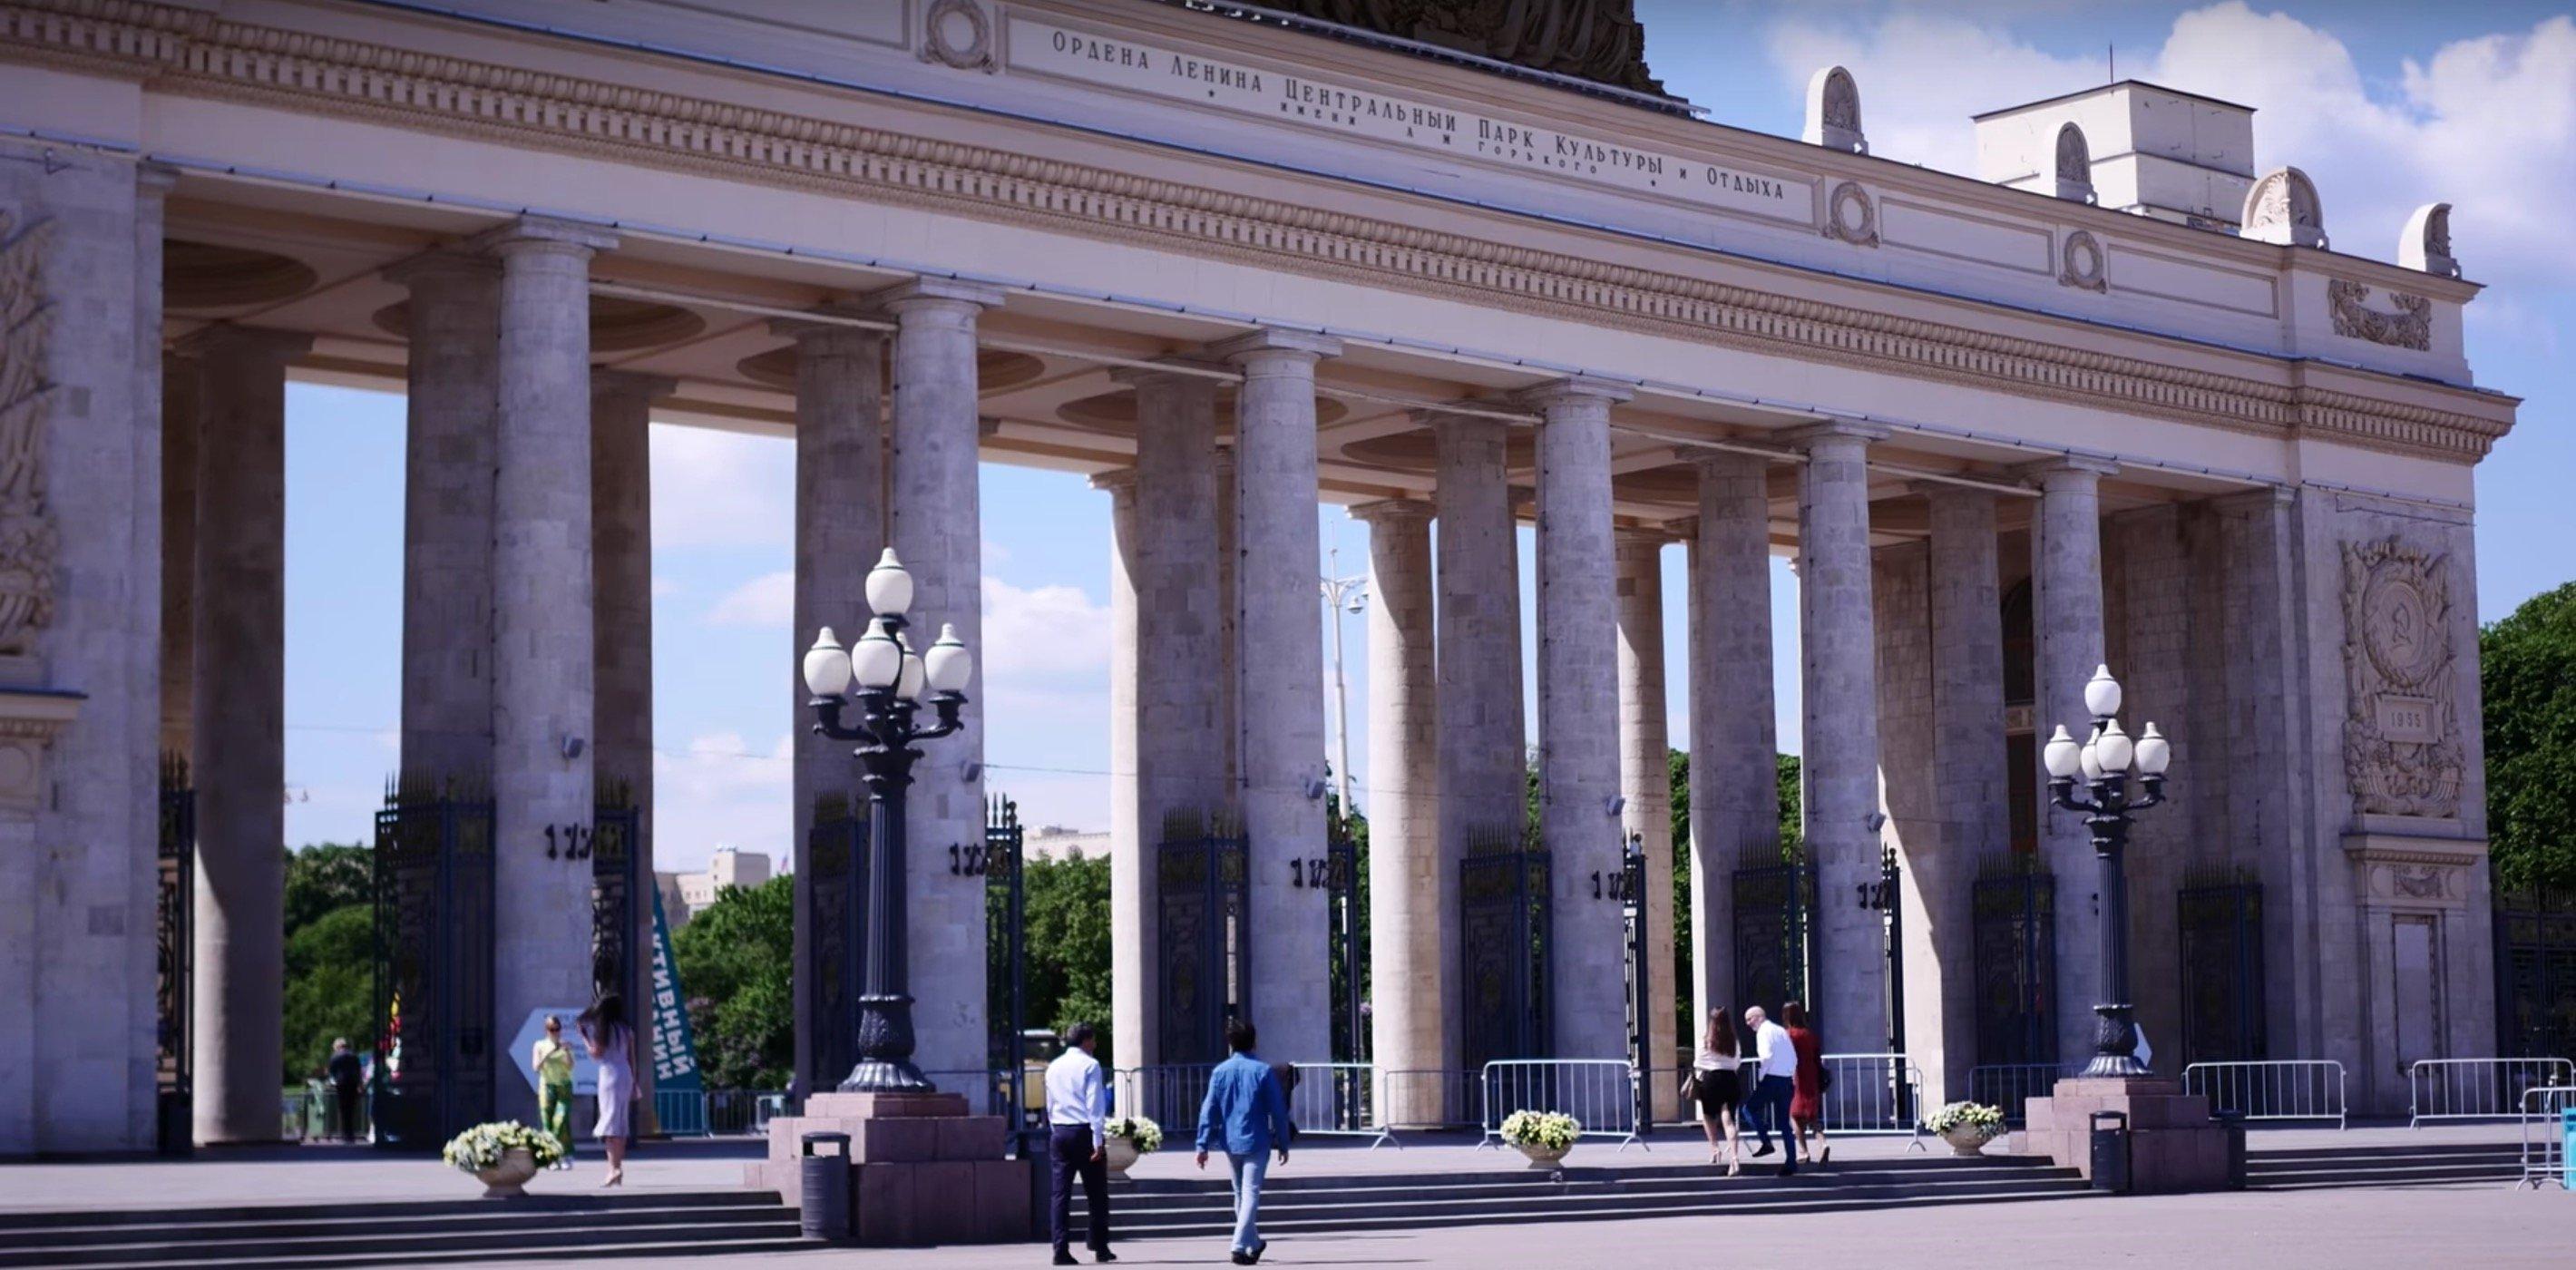 Сегодня мы в Парке Горького.